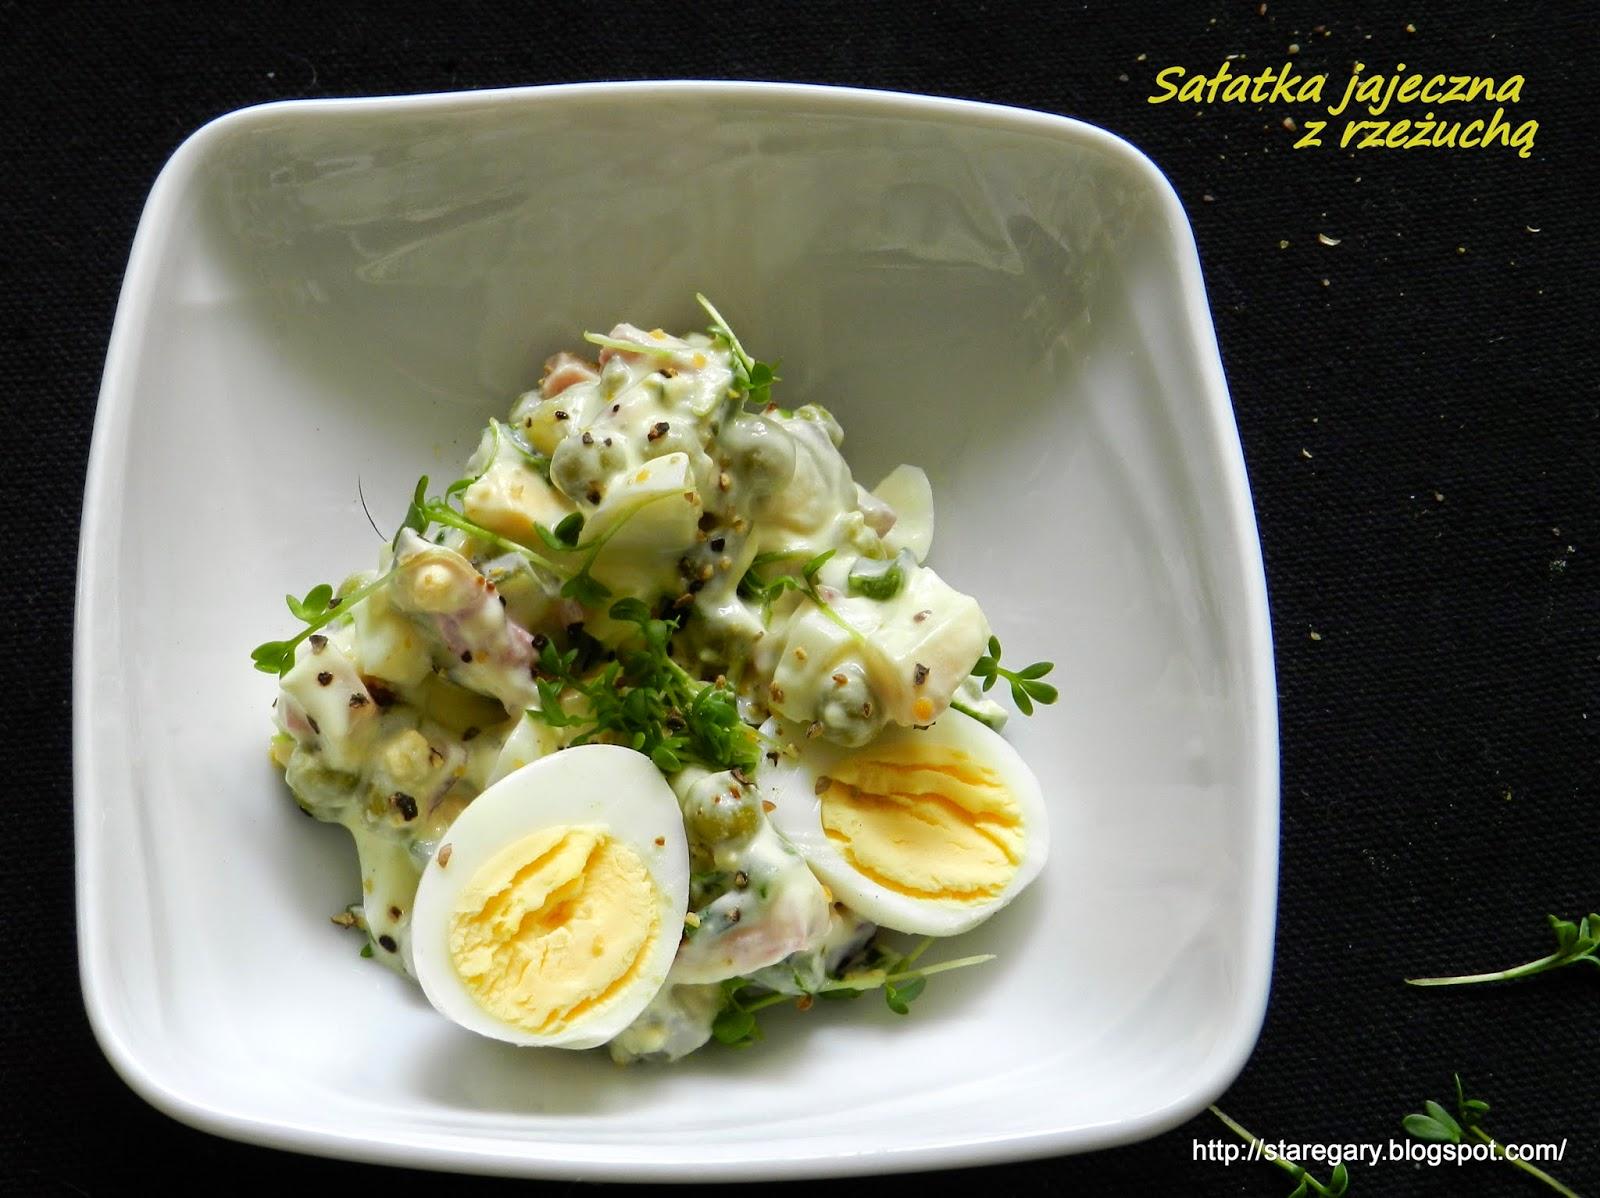 Sałatka jajeczna z rzeżuchą